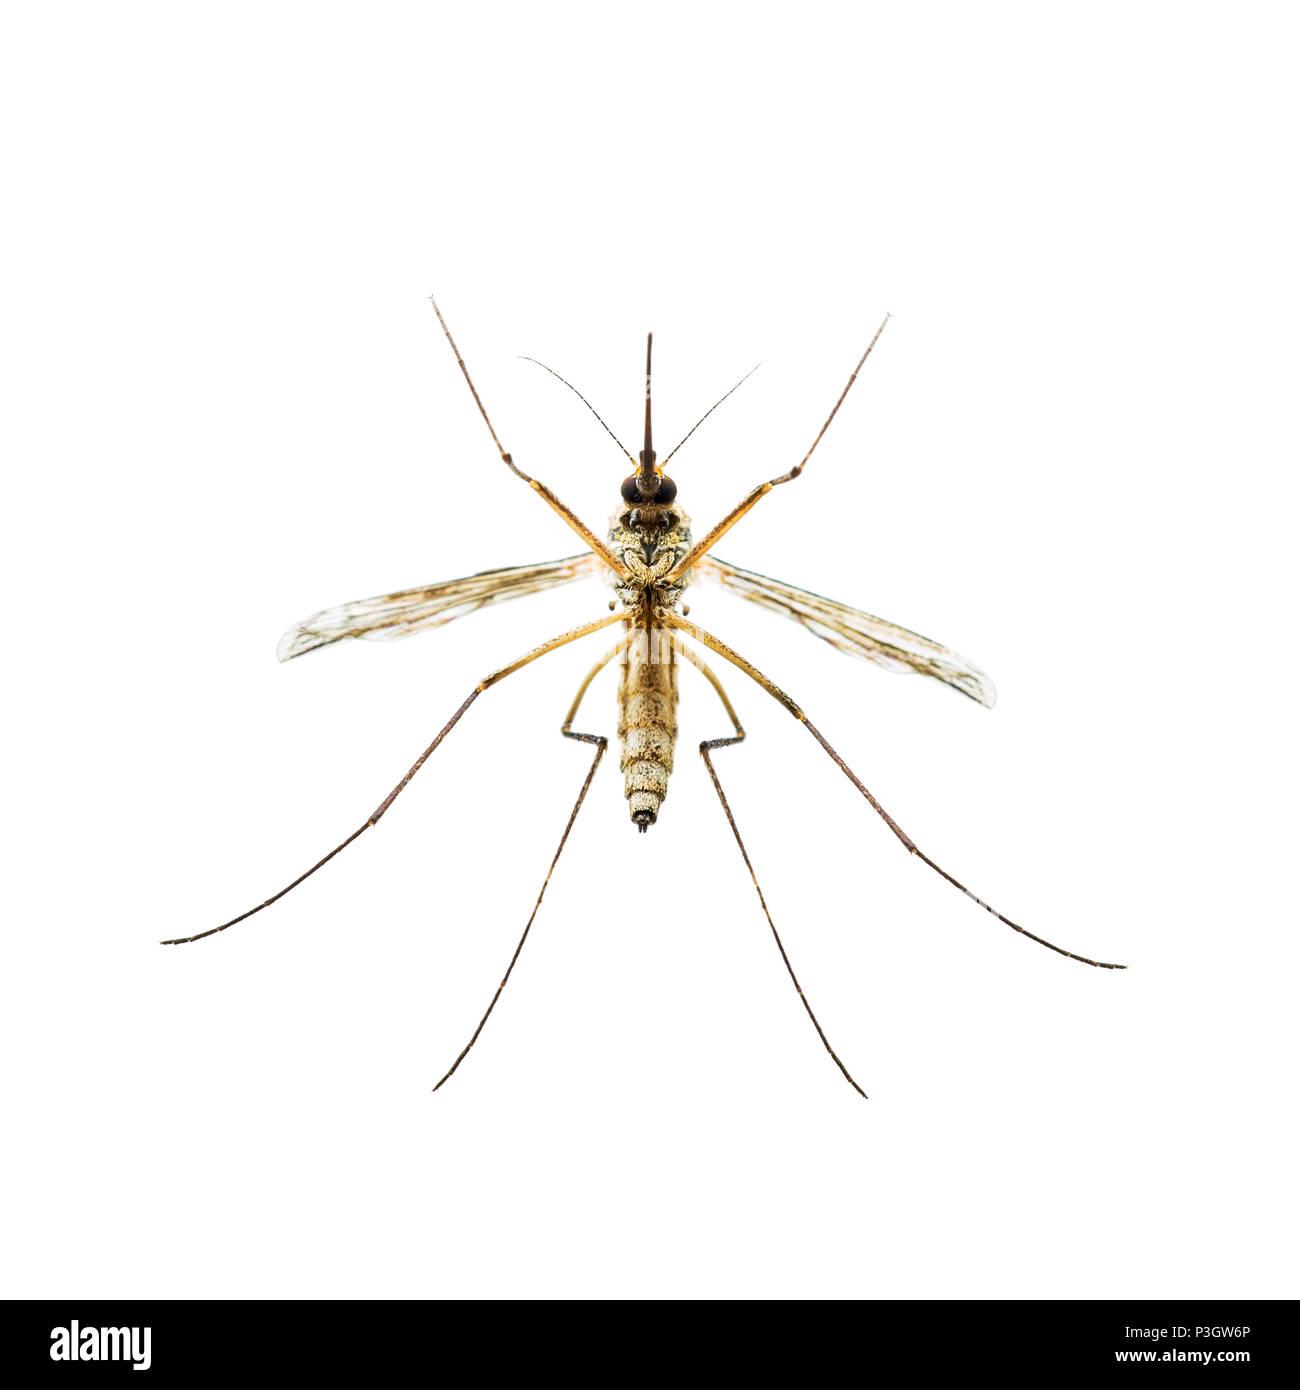 La Febbre Gialla La Malaria O Zika Infettate Da Virus Insetto